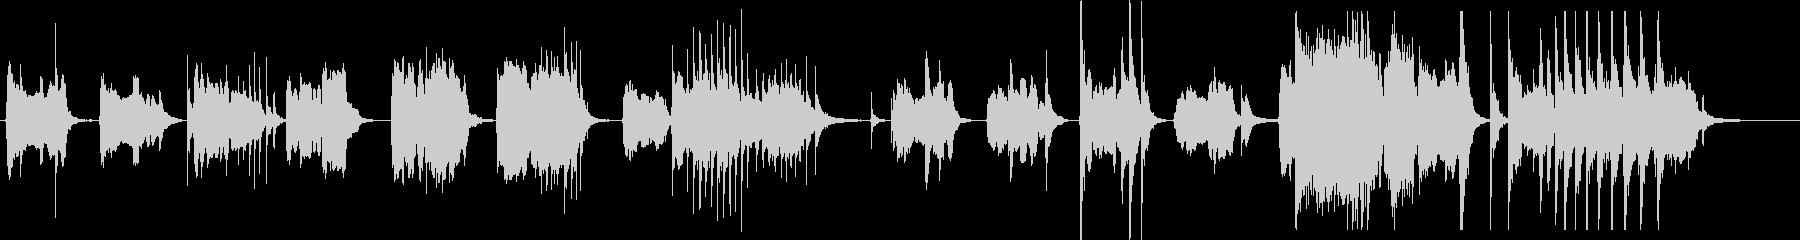 篠笛とドロ太鼓の純和風ホラーの未再生の波形